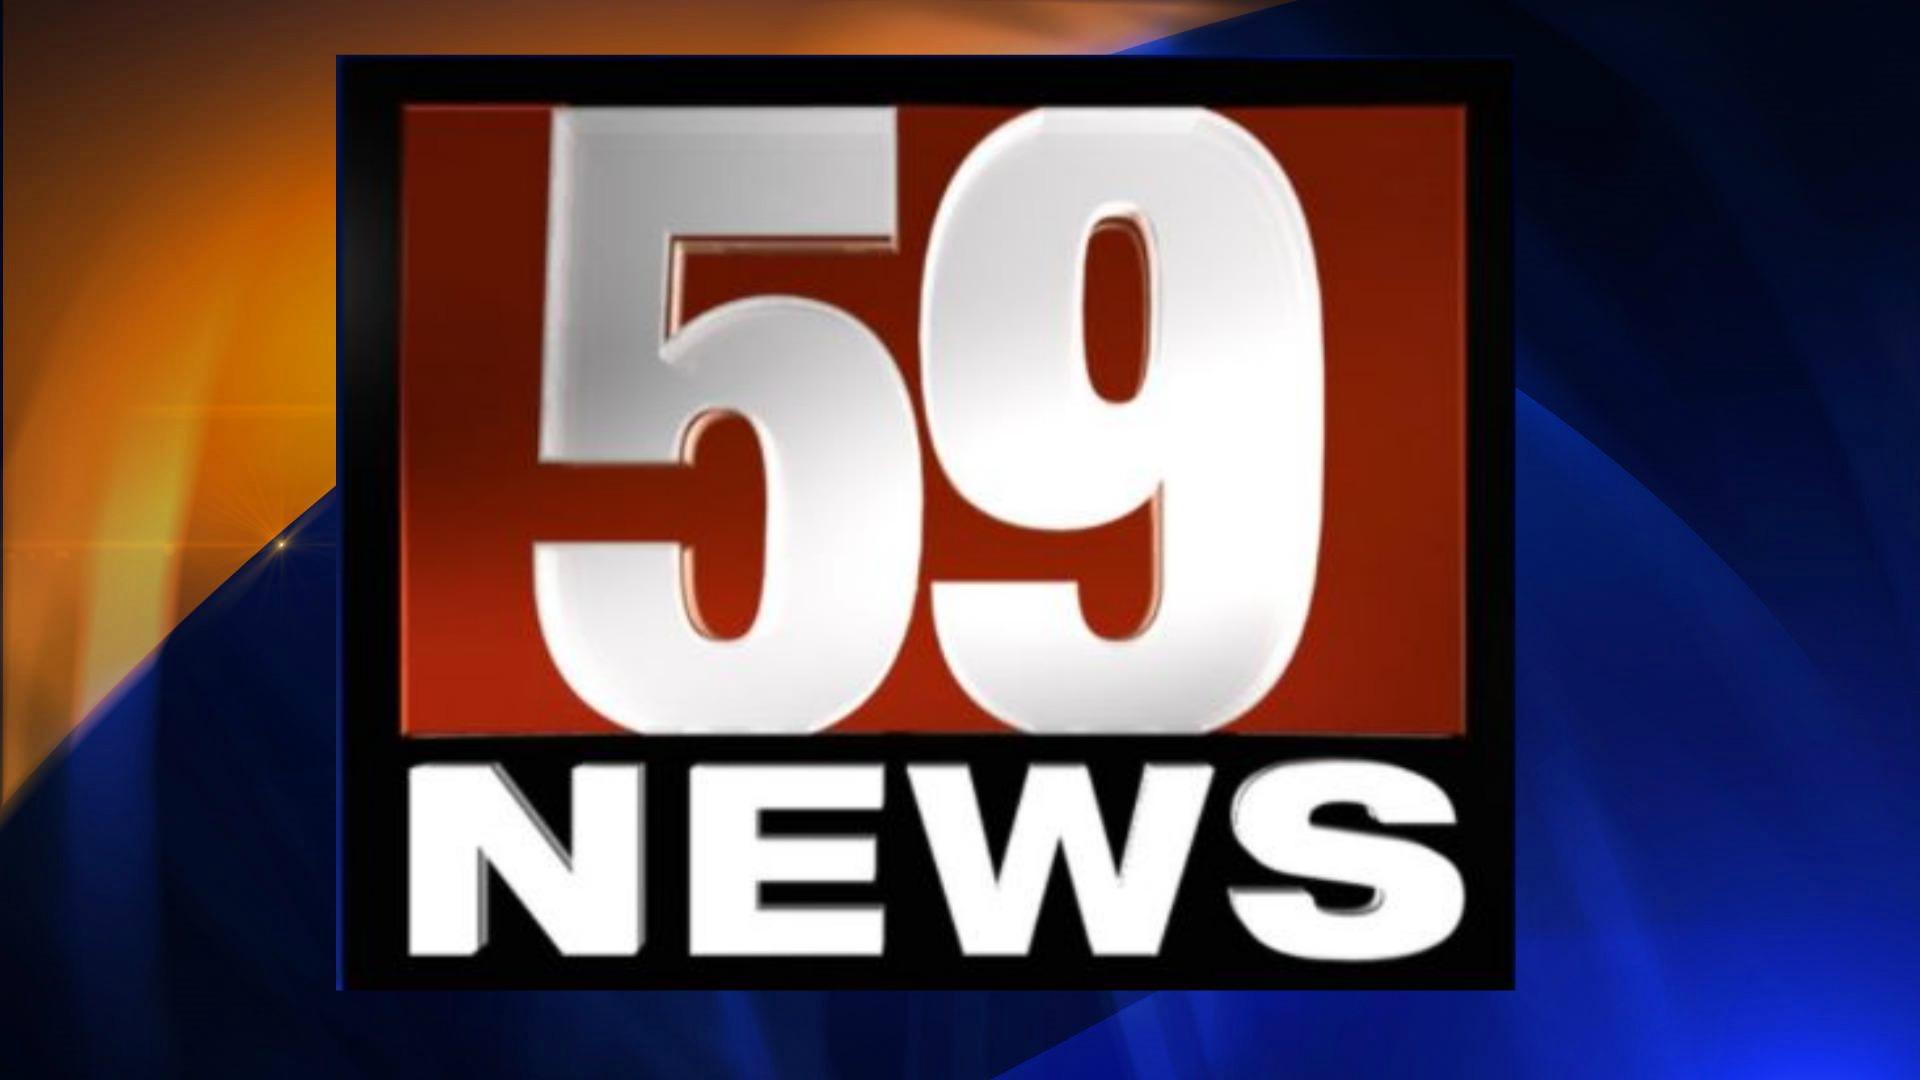 59 News_1516615791790.jpg.jpg